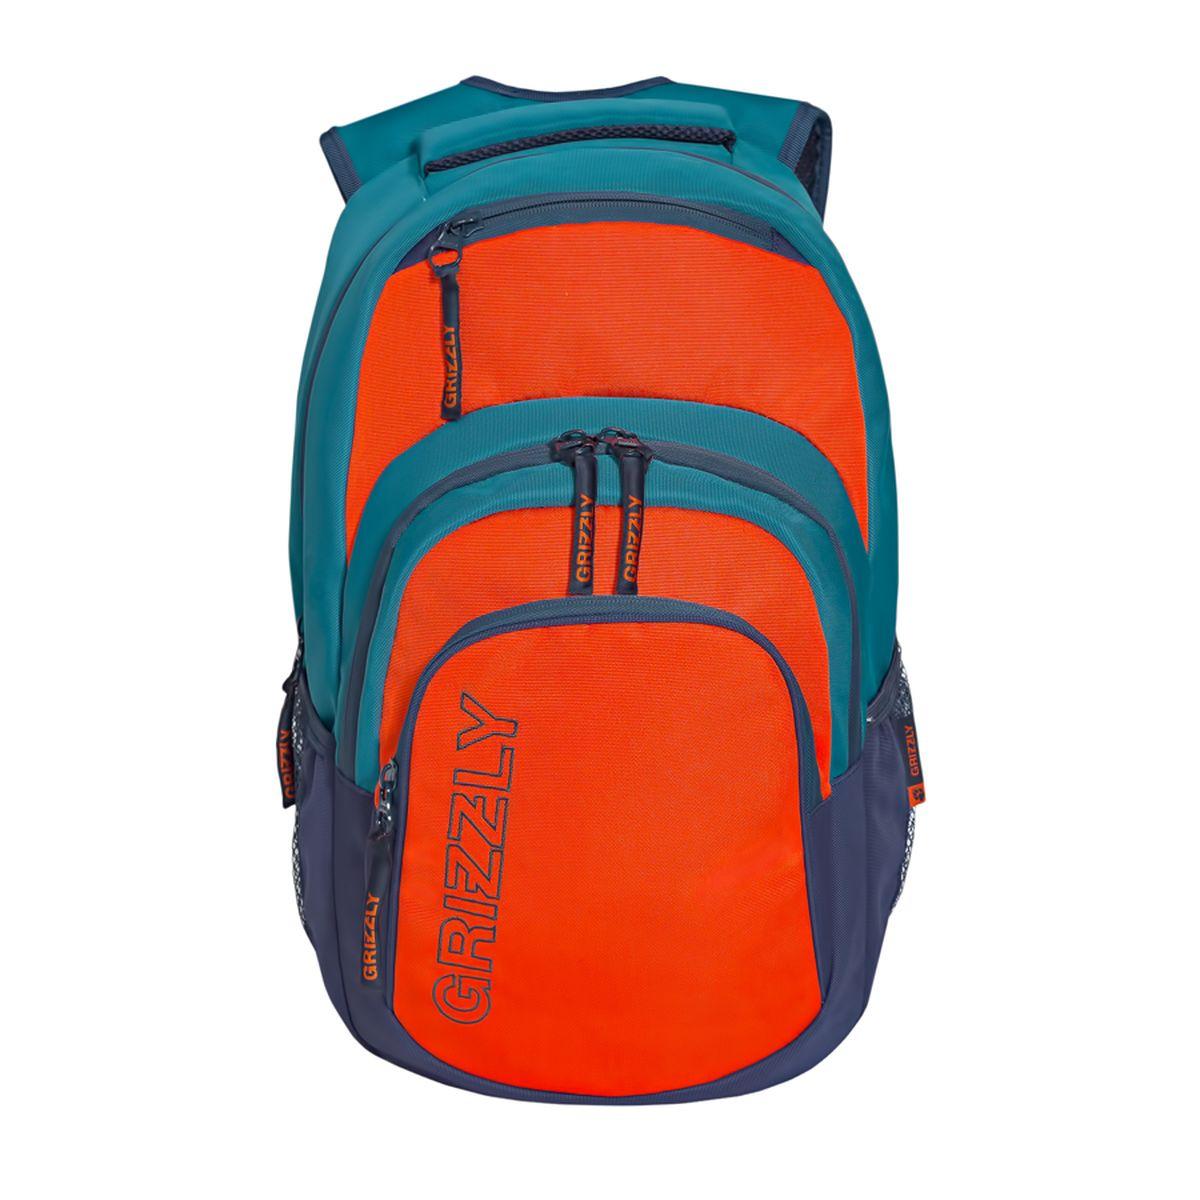 Рюкзак городской Grizzly, цвет: бирюзовый, оранжевый. 32 л. RU-704-1/4RU-704-1/4Рюкзак городской Grizzl выполнен из высококачественного таслана. Рюкзак имеет ручку-петлю для подвешивания и две укрепленные лямки, длина которых регулируется с помощью пряжек. Модель имеет одно основное отделение, которое дополнено внутренним составным пеналом-органайзером и укрепленным карманом для ноутбука. Передняя сторона оснащена двумя объемными карманами на молнии и верхним кармашком быстрого доступа.Боковые стенки дополнены объемными карманами из сетки. Тыльная сторона рюкзака имеет укрепленную спинку и нагрудную стяжку-фиксатор.